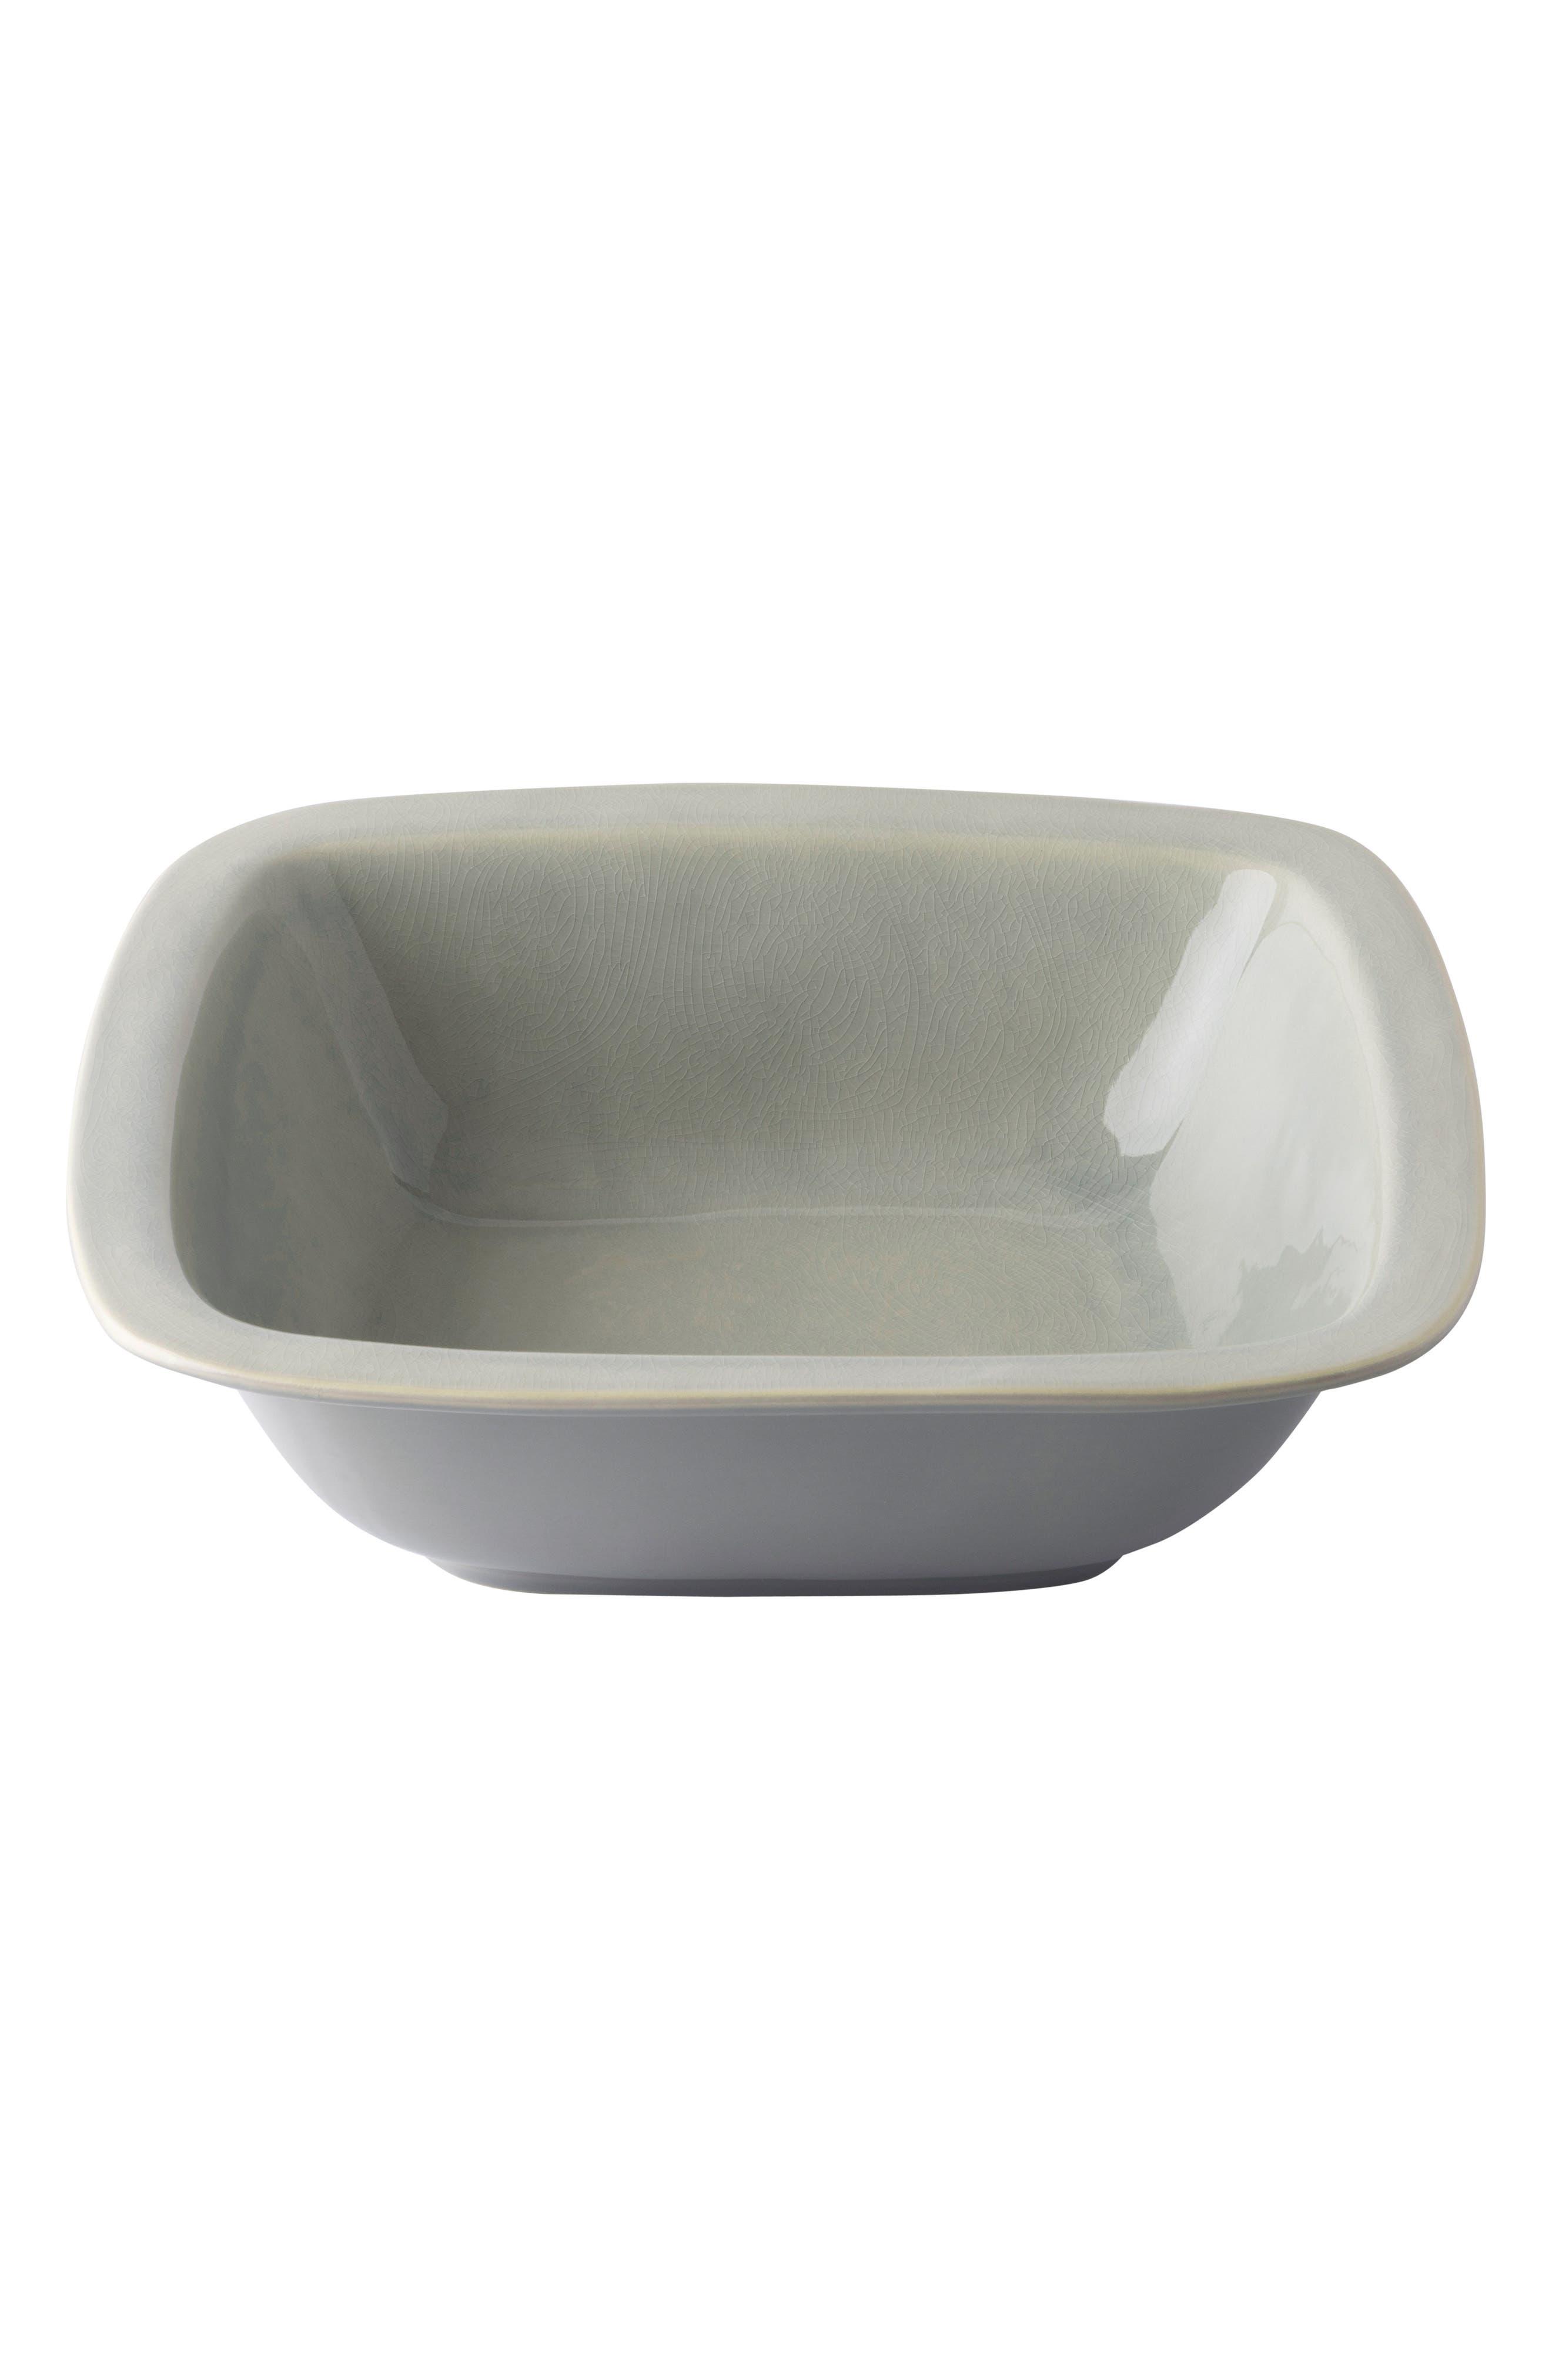 Puro Medium Ceramic Serving Bowl,                         Main,                         color, MIST GREY CRACKLE